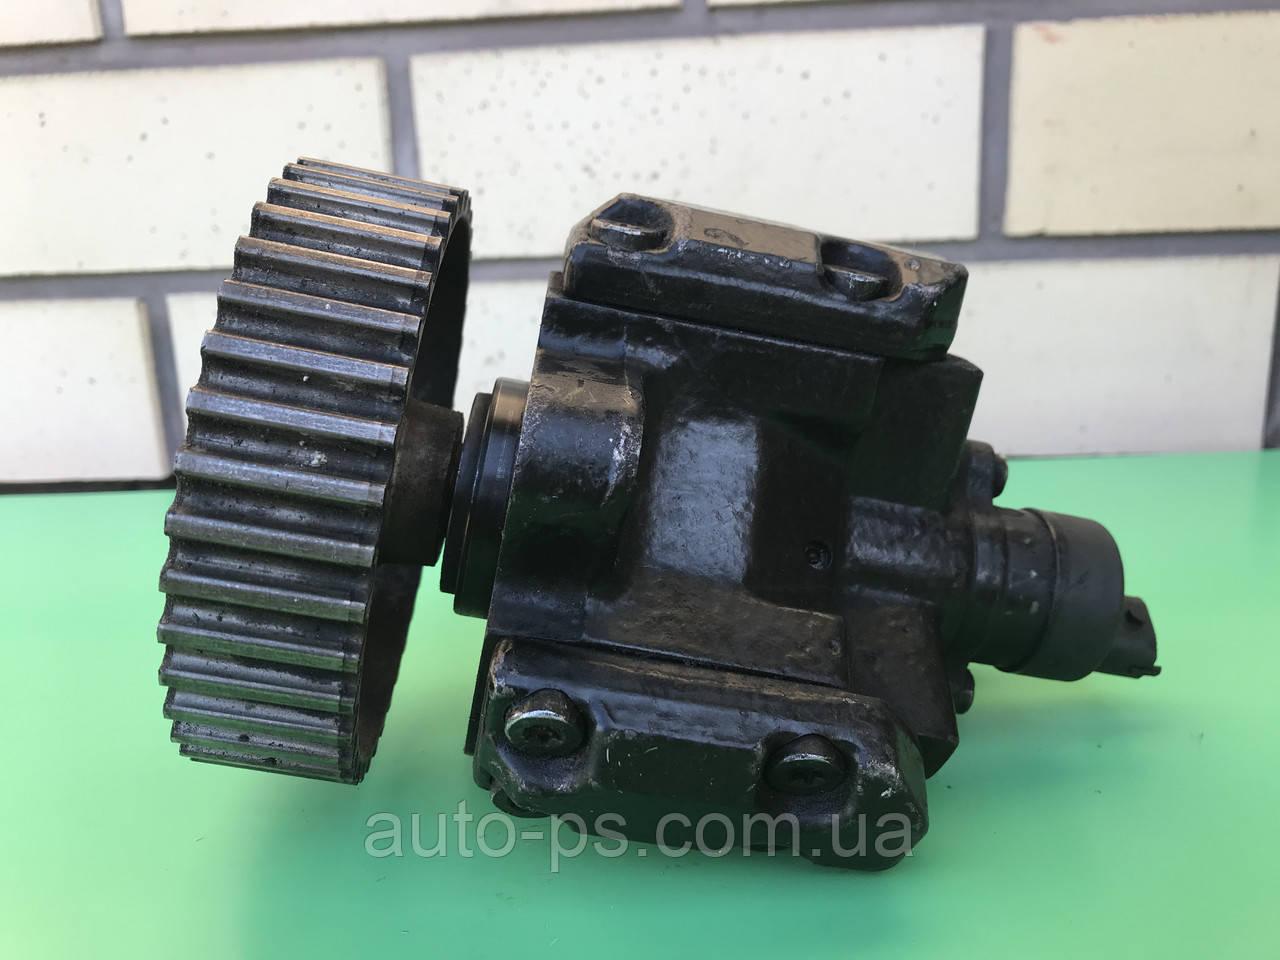 Топливный насос высокого давления (ТНВД) Fiat Multipla 1.9JTD 1999-2010 год.